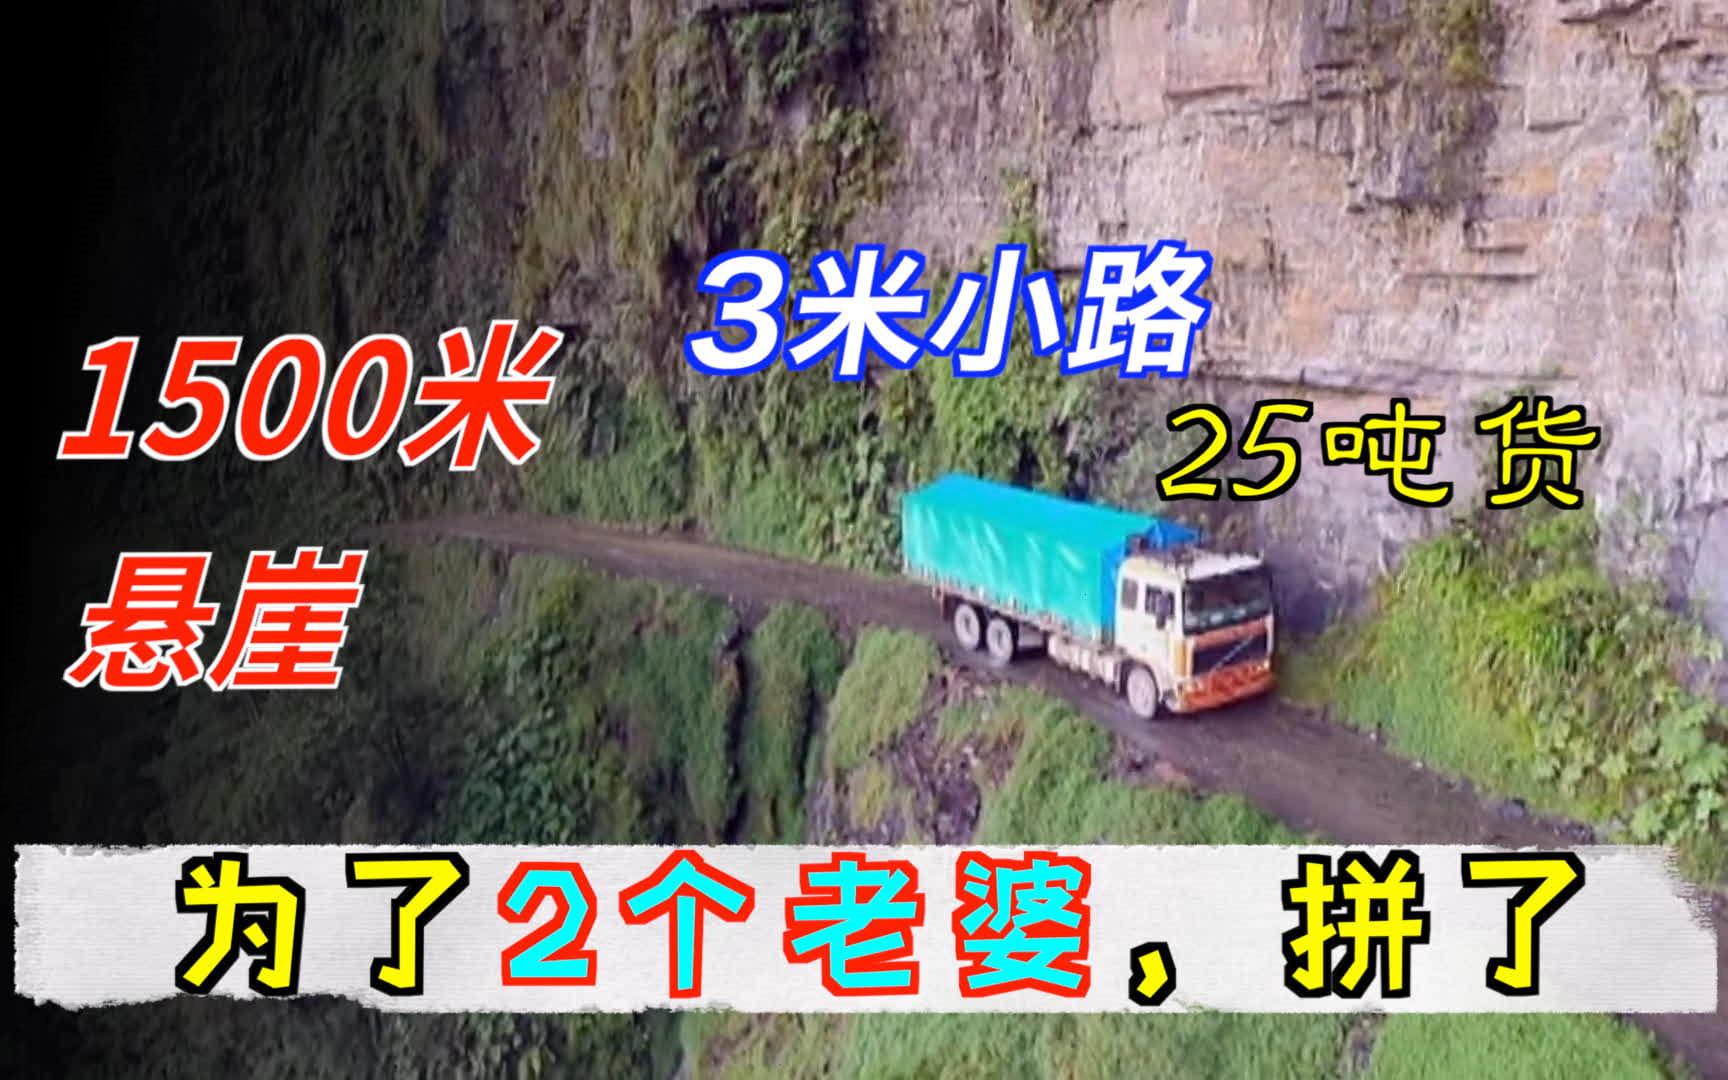 拉货25吨,3米小路,旁边1500米悬崖!全球最危险的公路,玻利维亚永加斯路